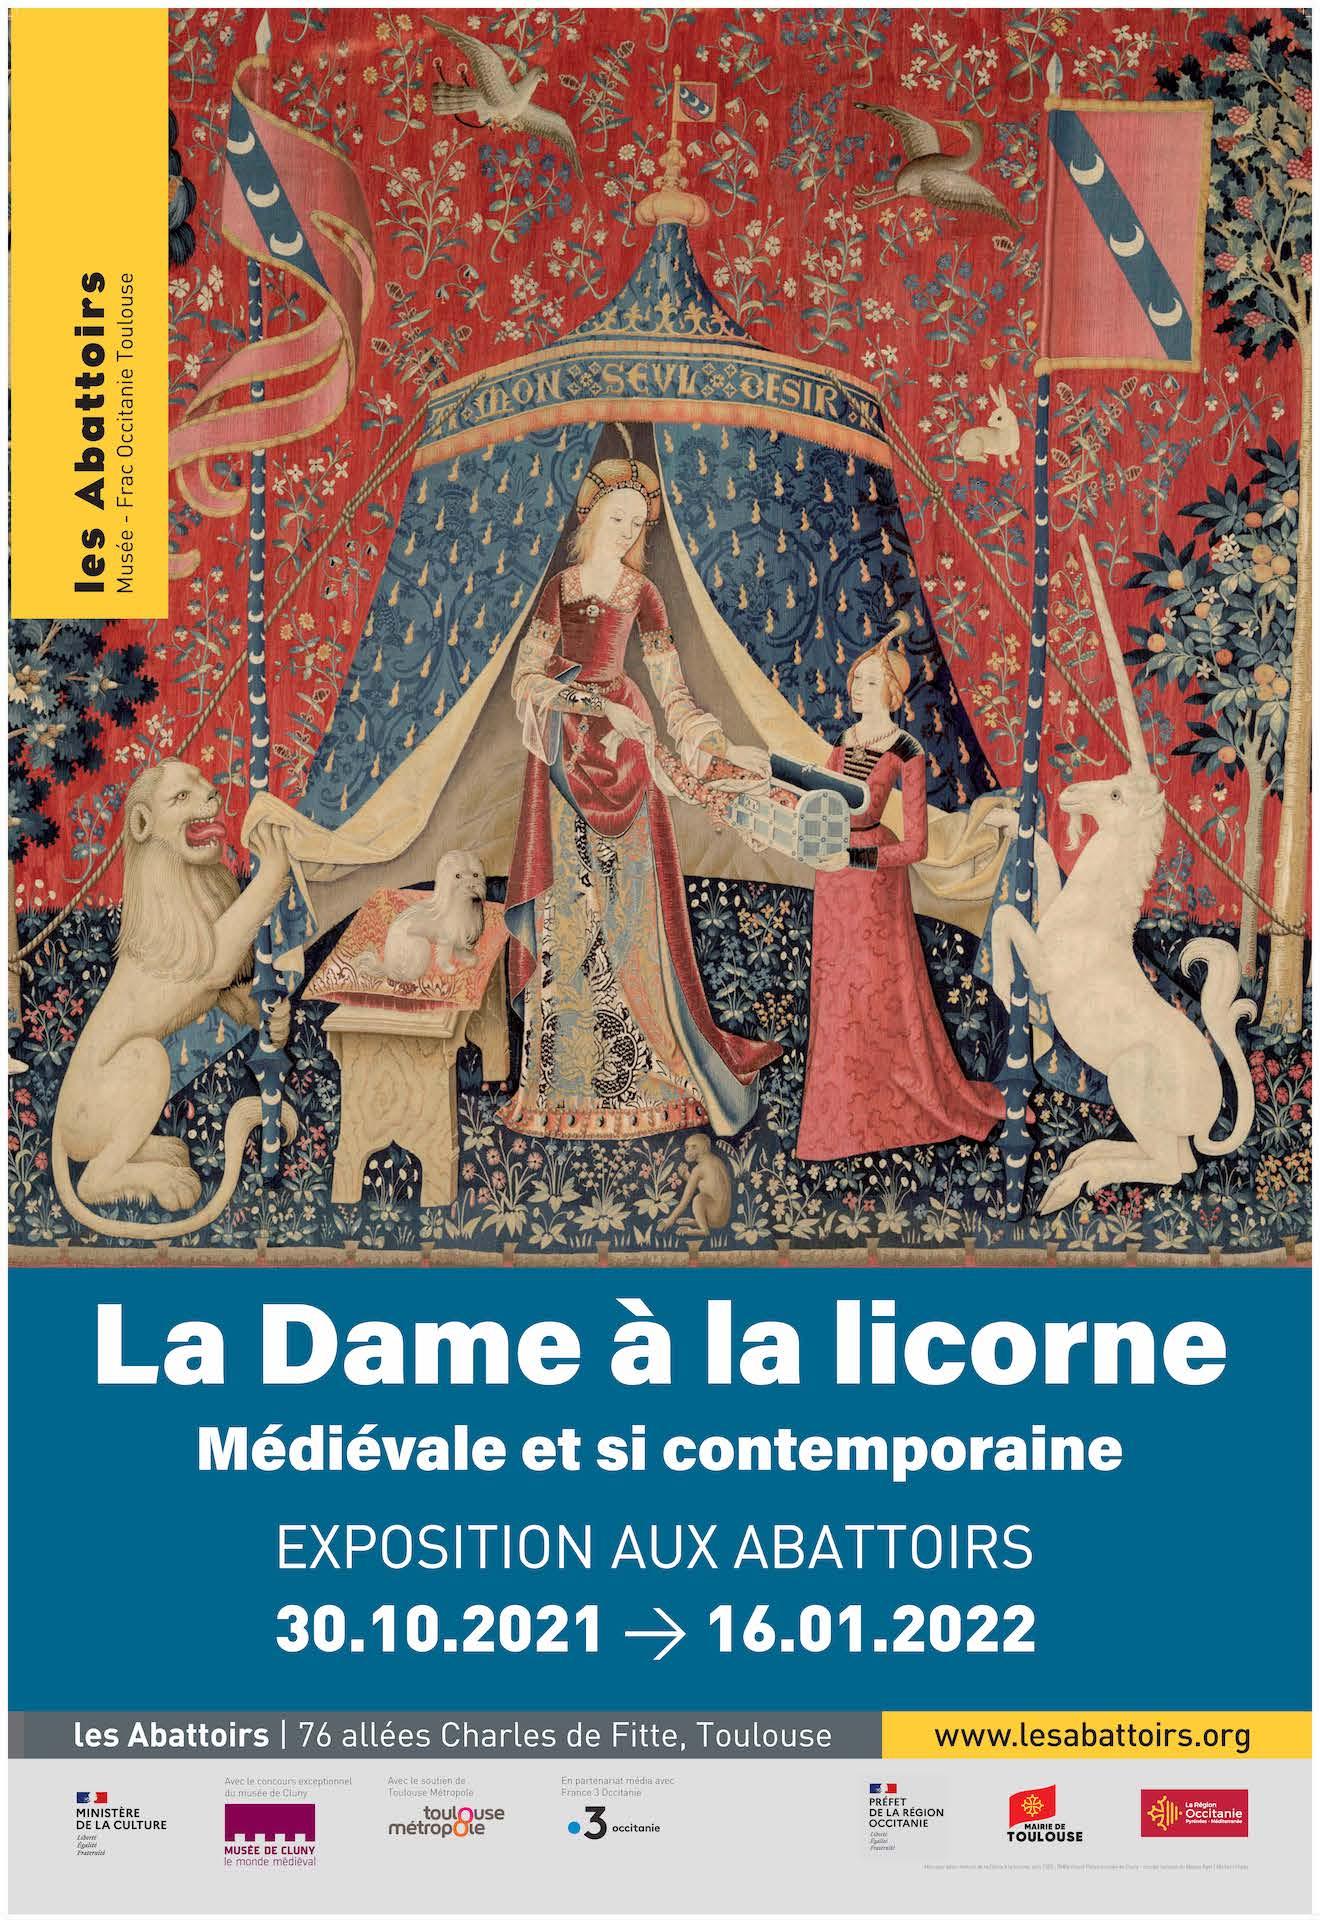 Les Abattoirs - La Dame à la licorne